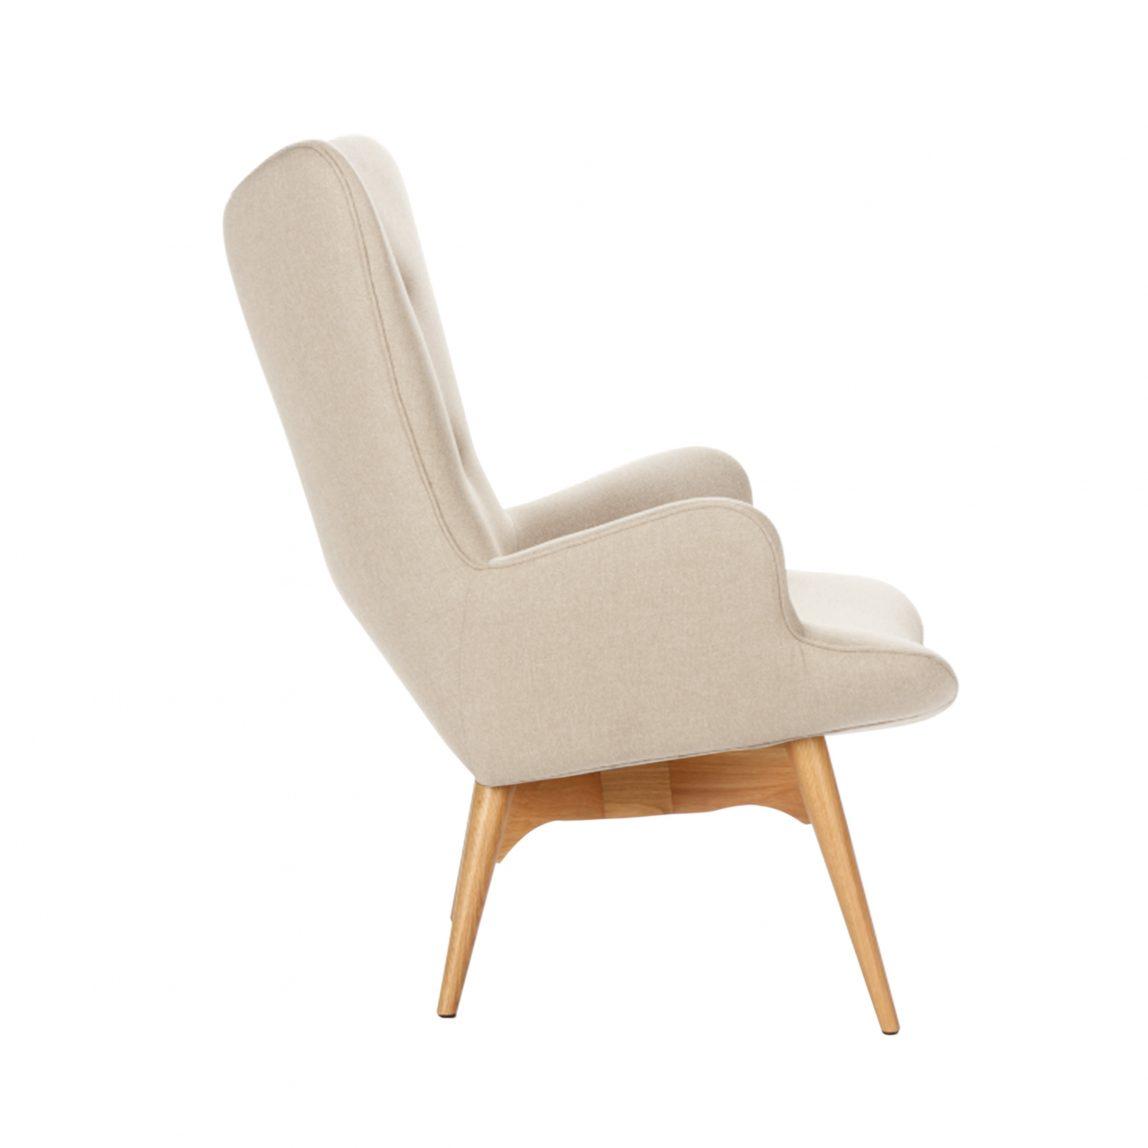 Дизайнерское кресло Contour бежевое с высокой спинкой, интерьерное скандинавское Контур в гостиную, Грант Фезерстоун